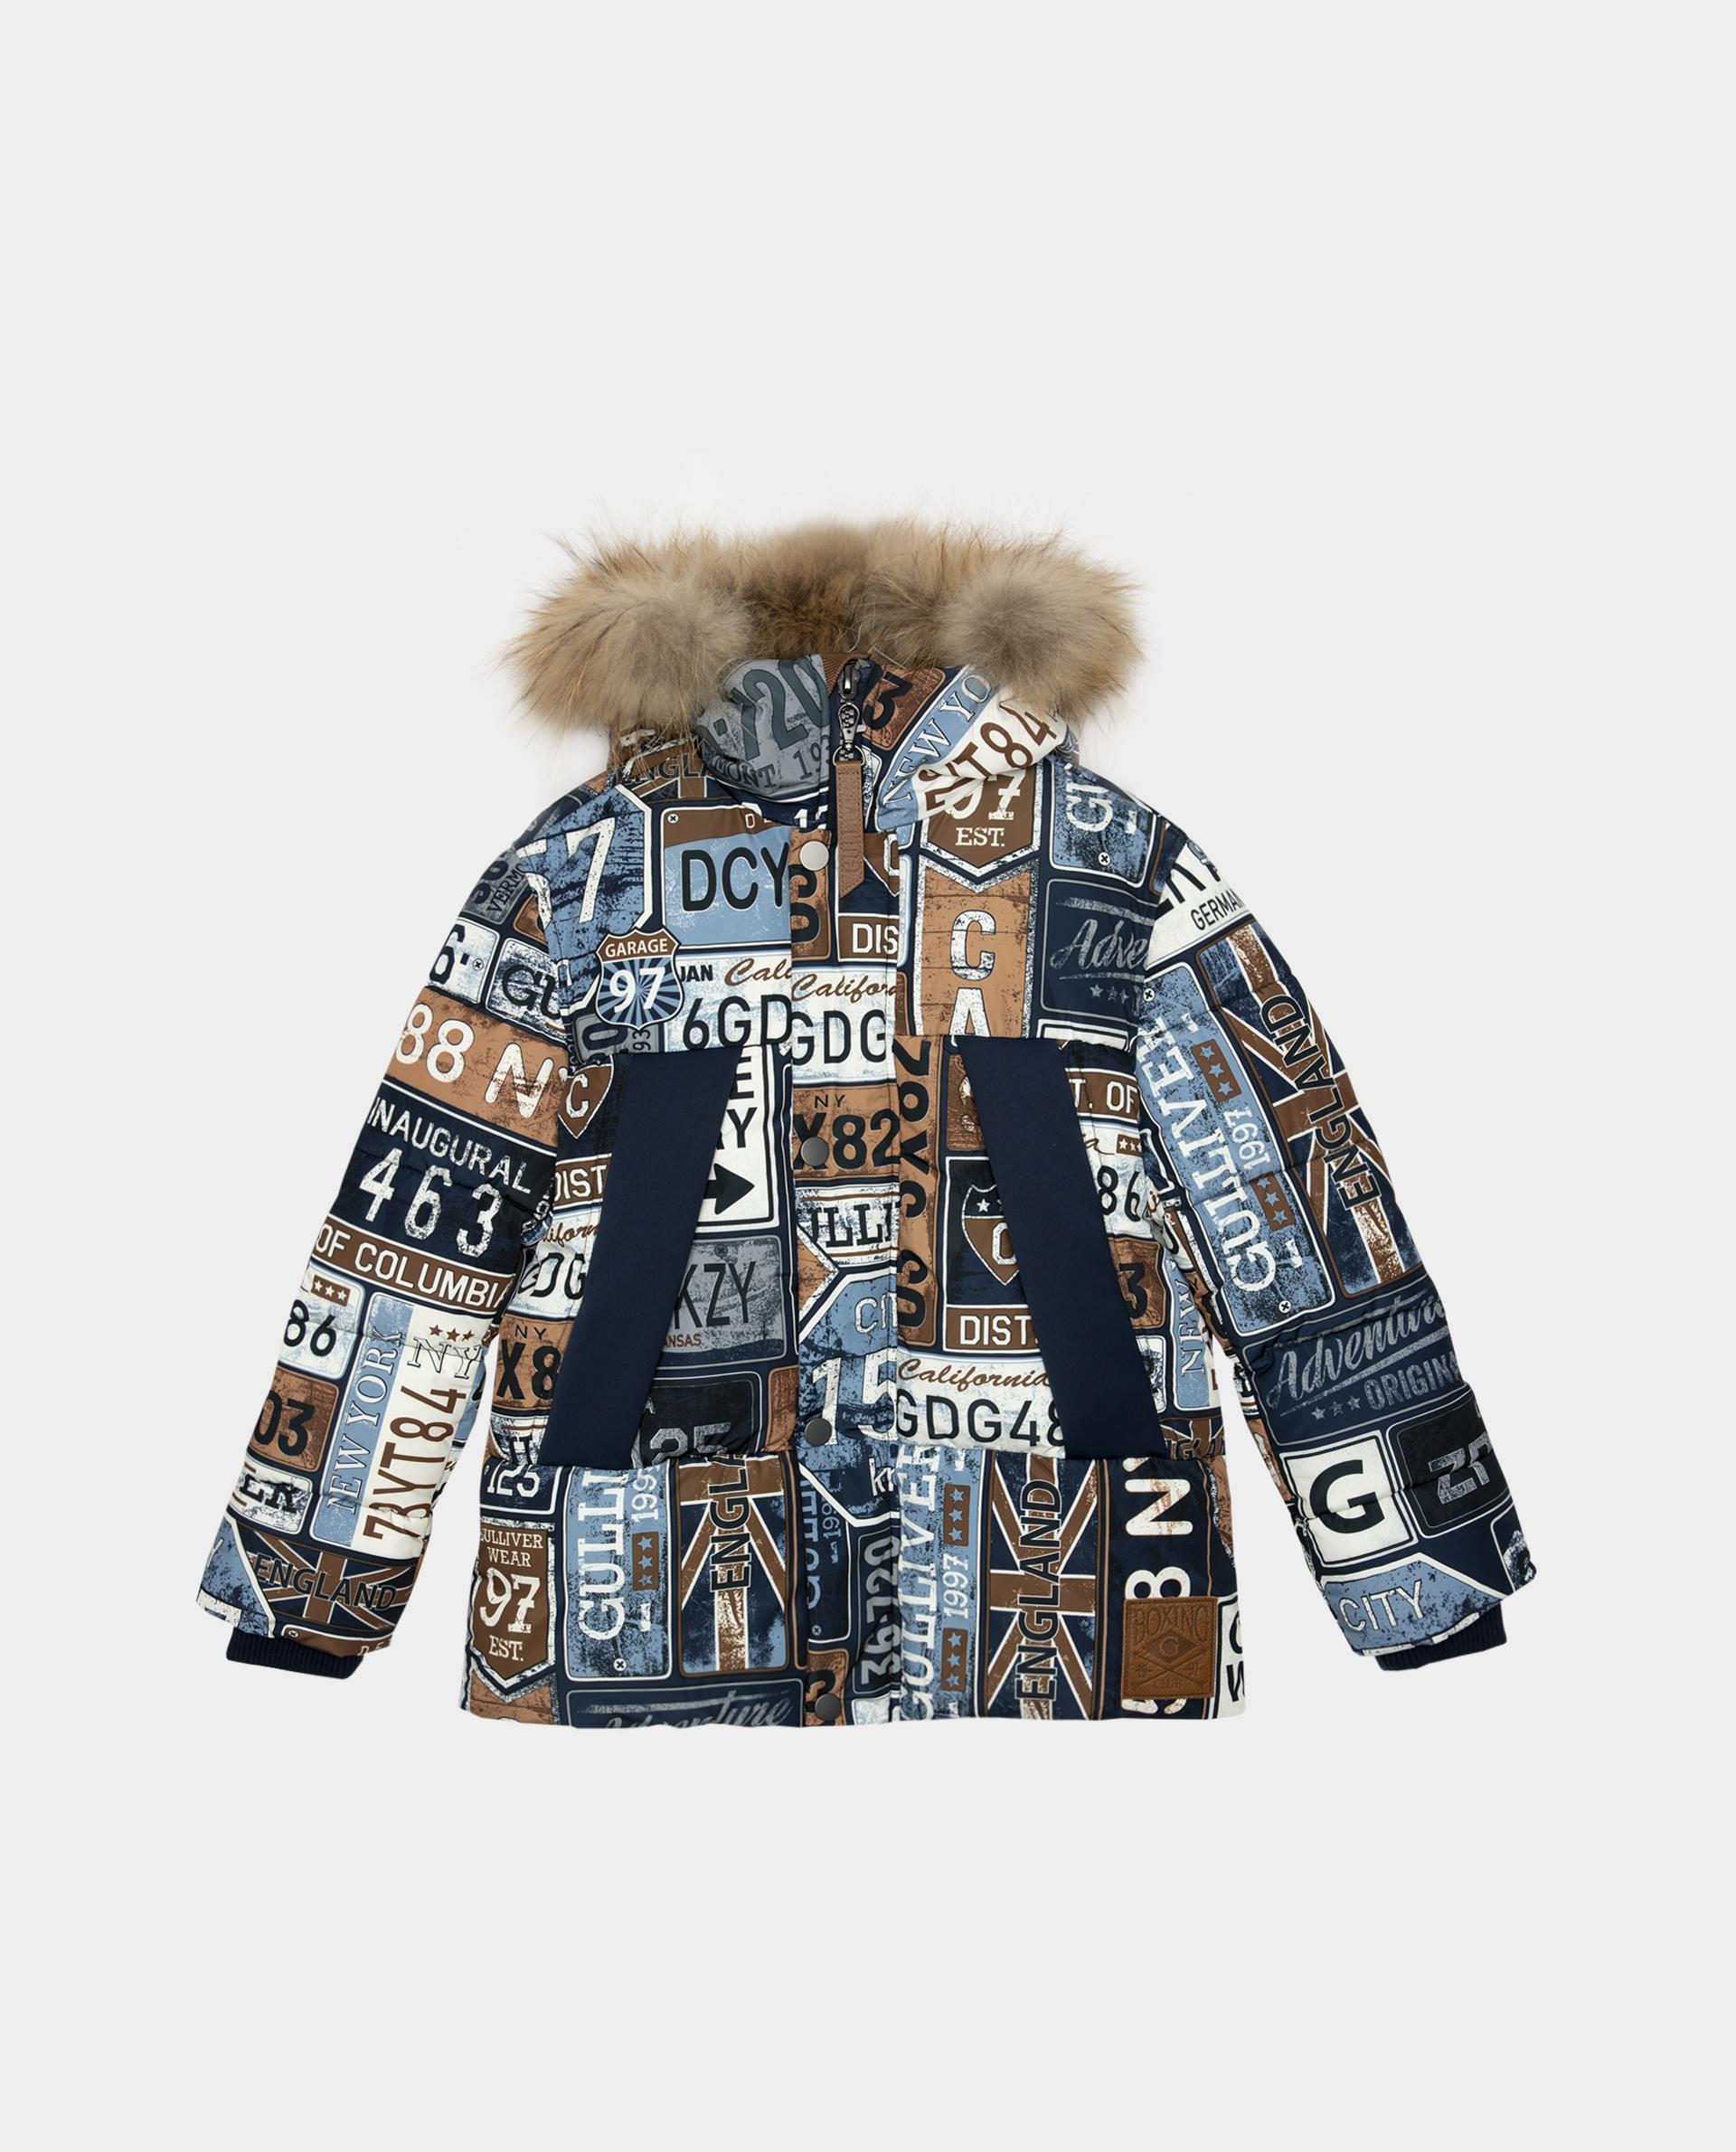 Купить 22010BJC4102, Синяя куртка зимняя Gulliver, синий, 164, Полиэстер, Мужской, Зима, ОСЕНЬ/ЗИМА 2020-2021 (shop: GulliverMarket Gulliver Market)